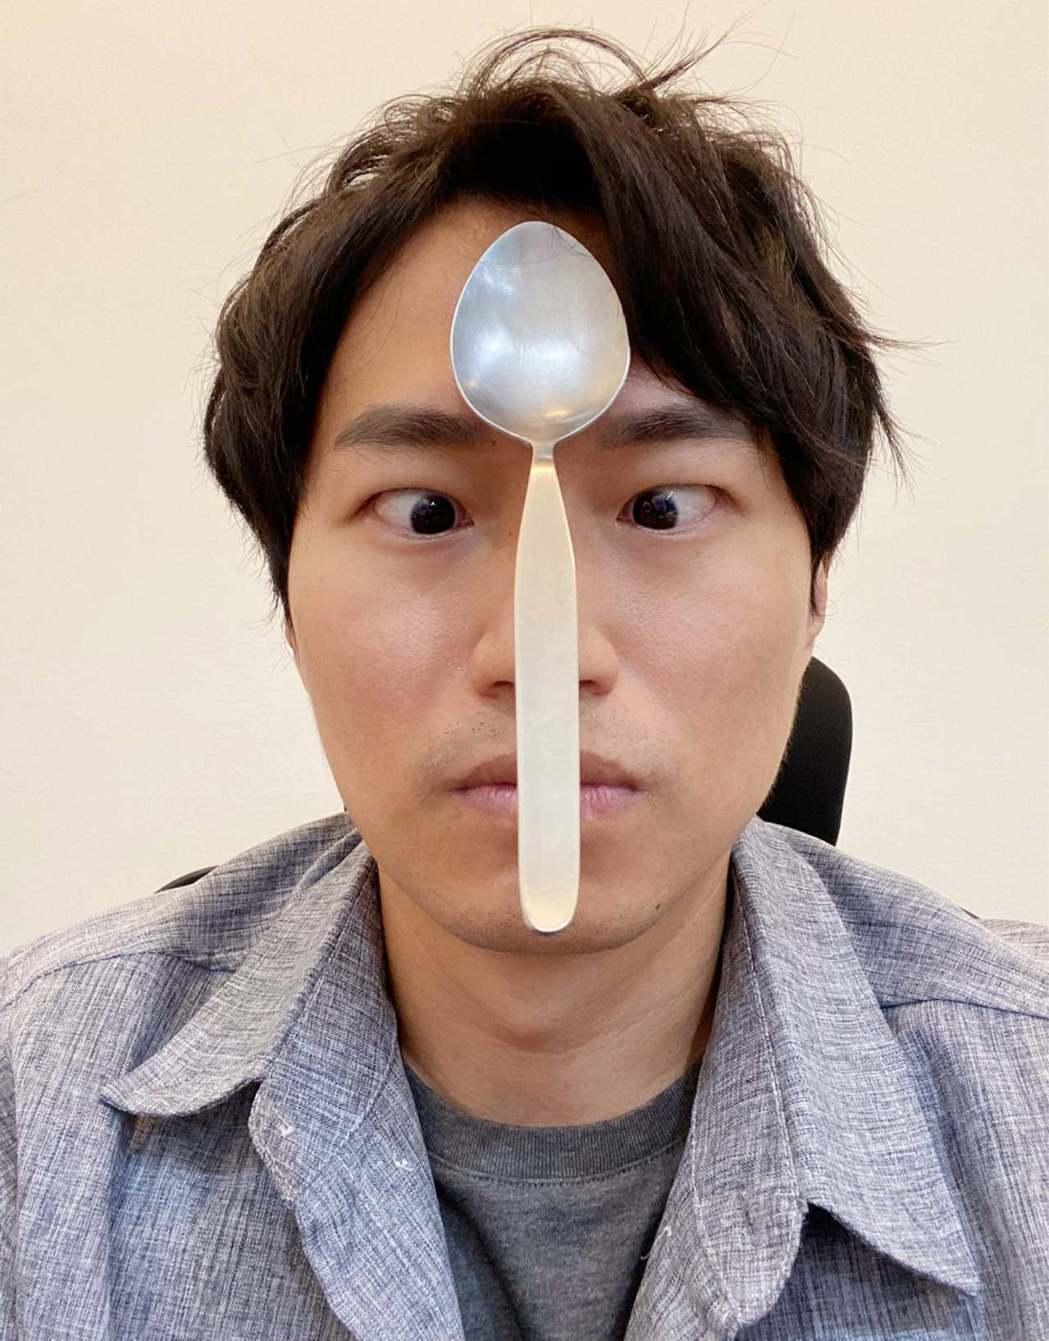 陳日昇揭開人體為什麼能吸附金屬物品的真相。 圖/擷自魔術師陳日昇臉書